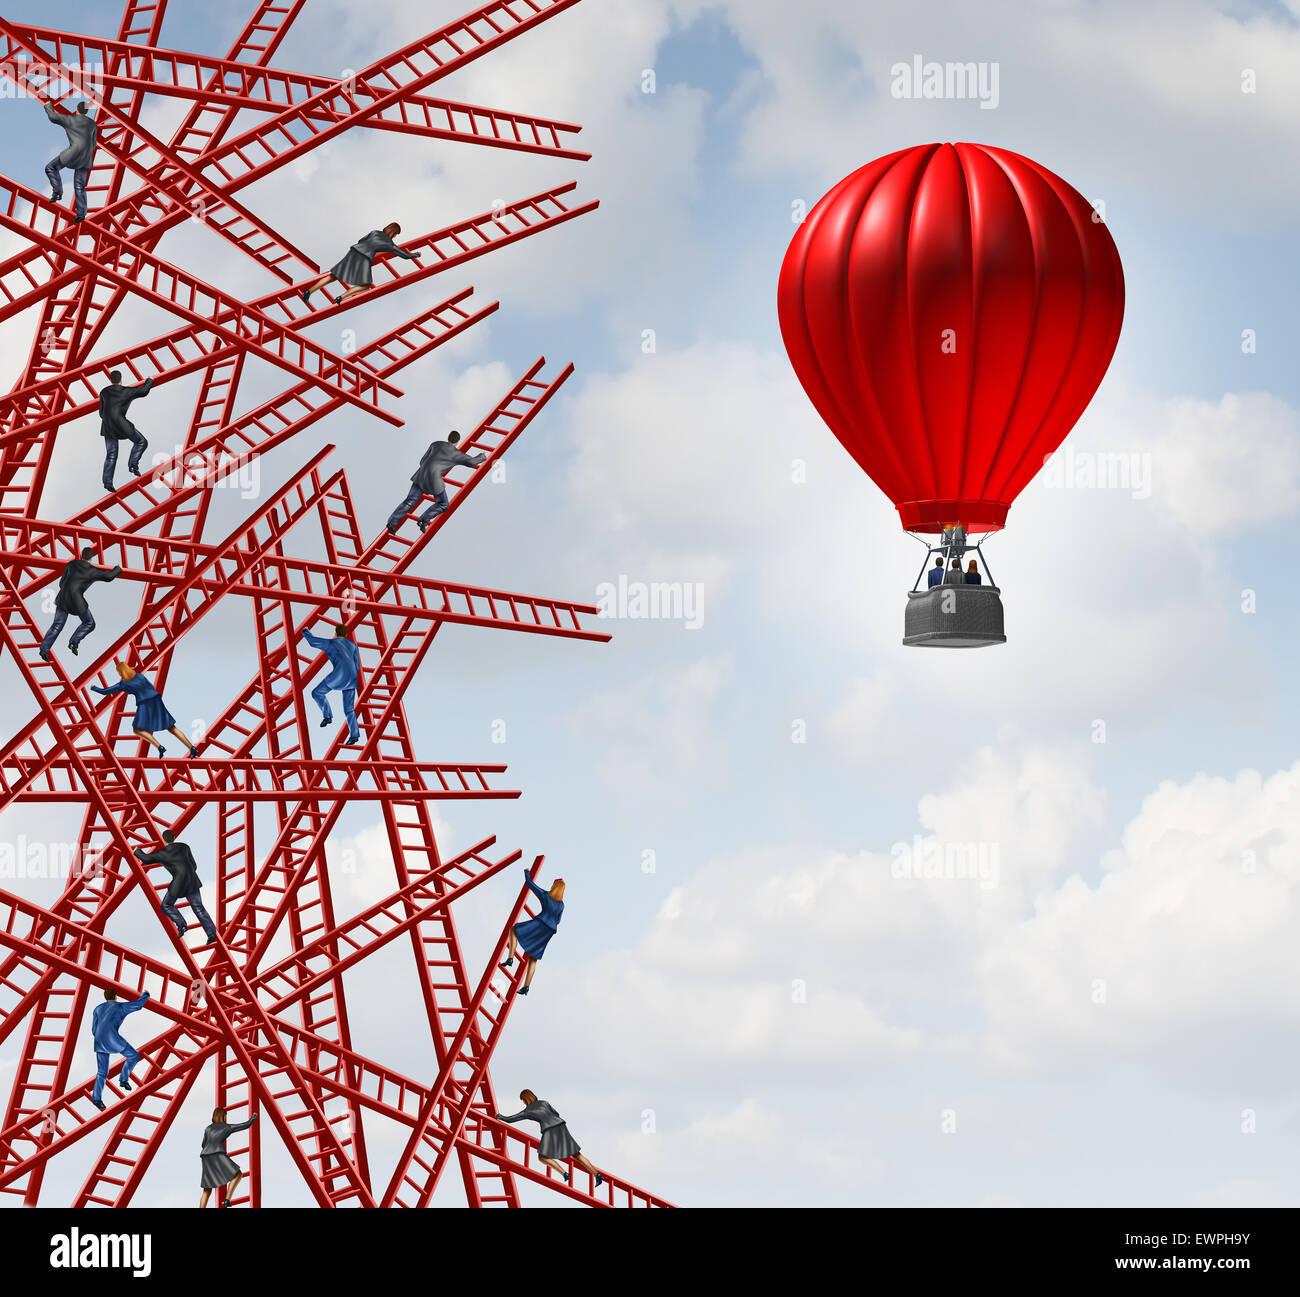 Nueva estrategia y pensador independiente símbolo y nuevo pensamiento innovador concepto de liderazgo o la Imagen De Stock